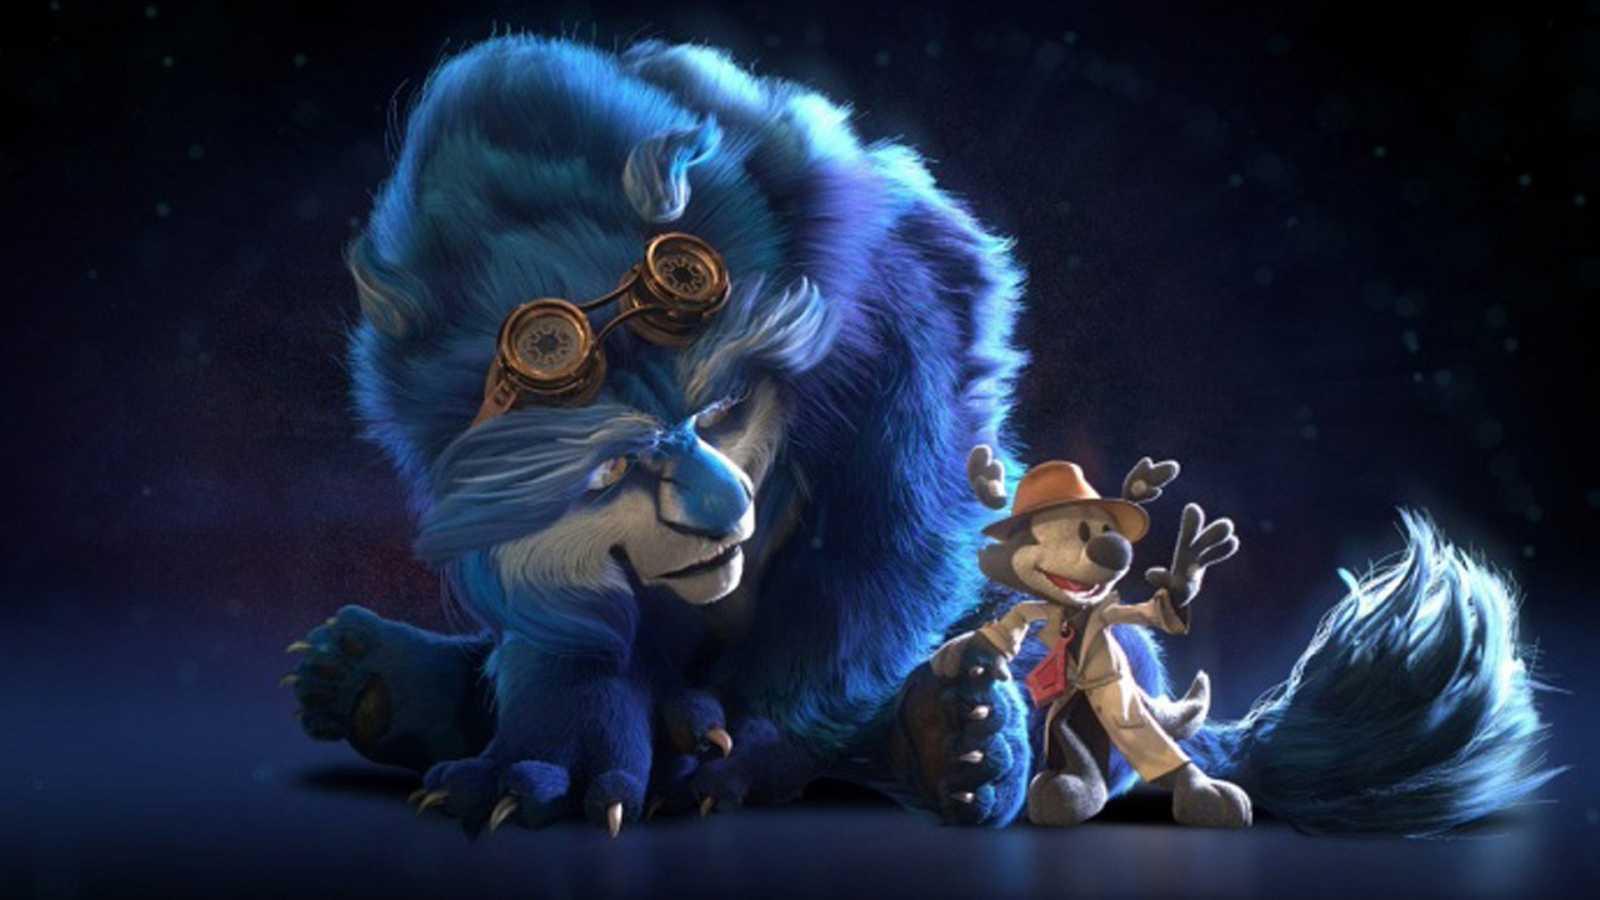 Artesfera - 'Blue & Malone. Casos imposibles', candidato a los Premios Goya - 27/11/20 - escuchar ahora